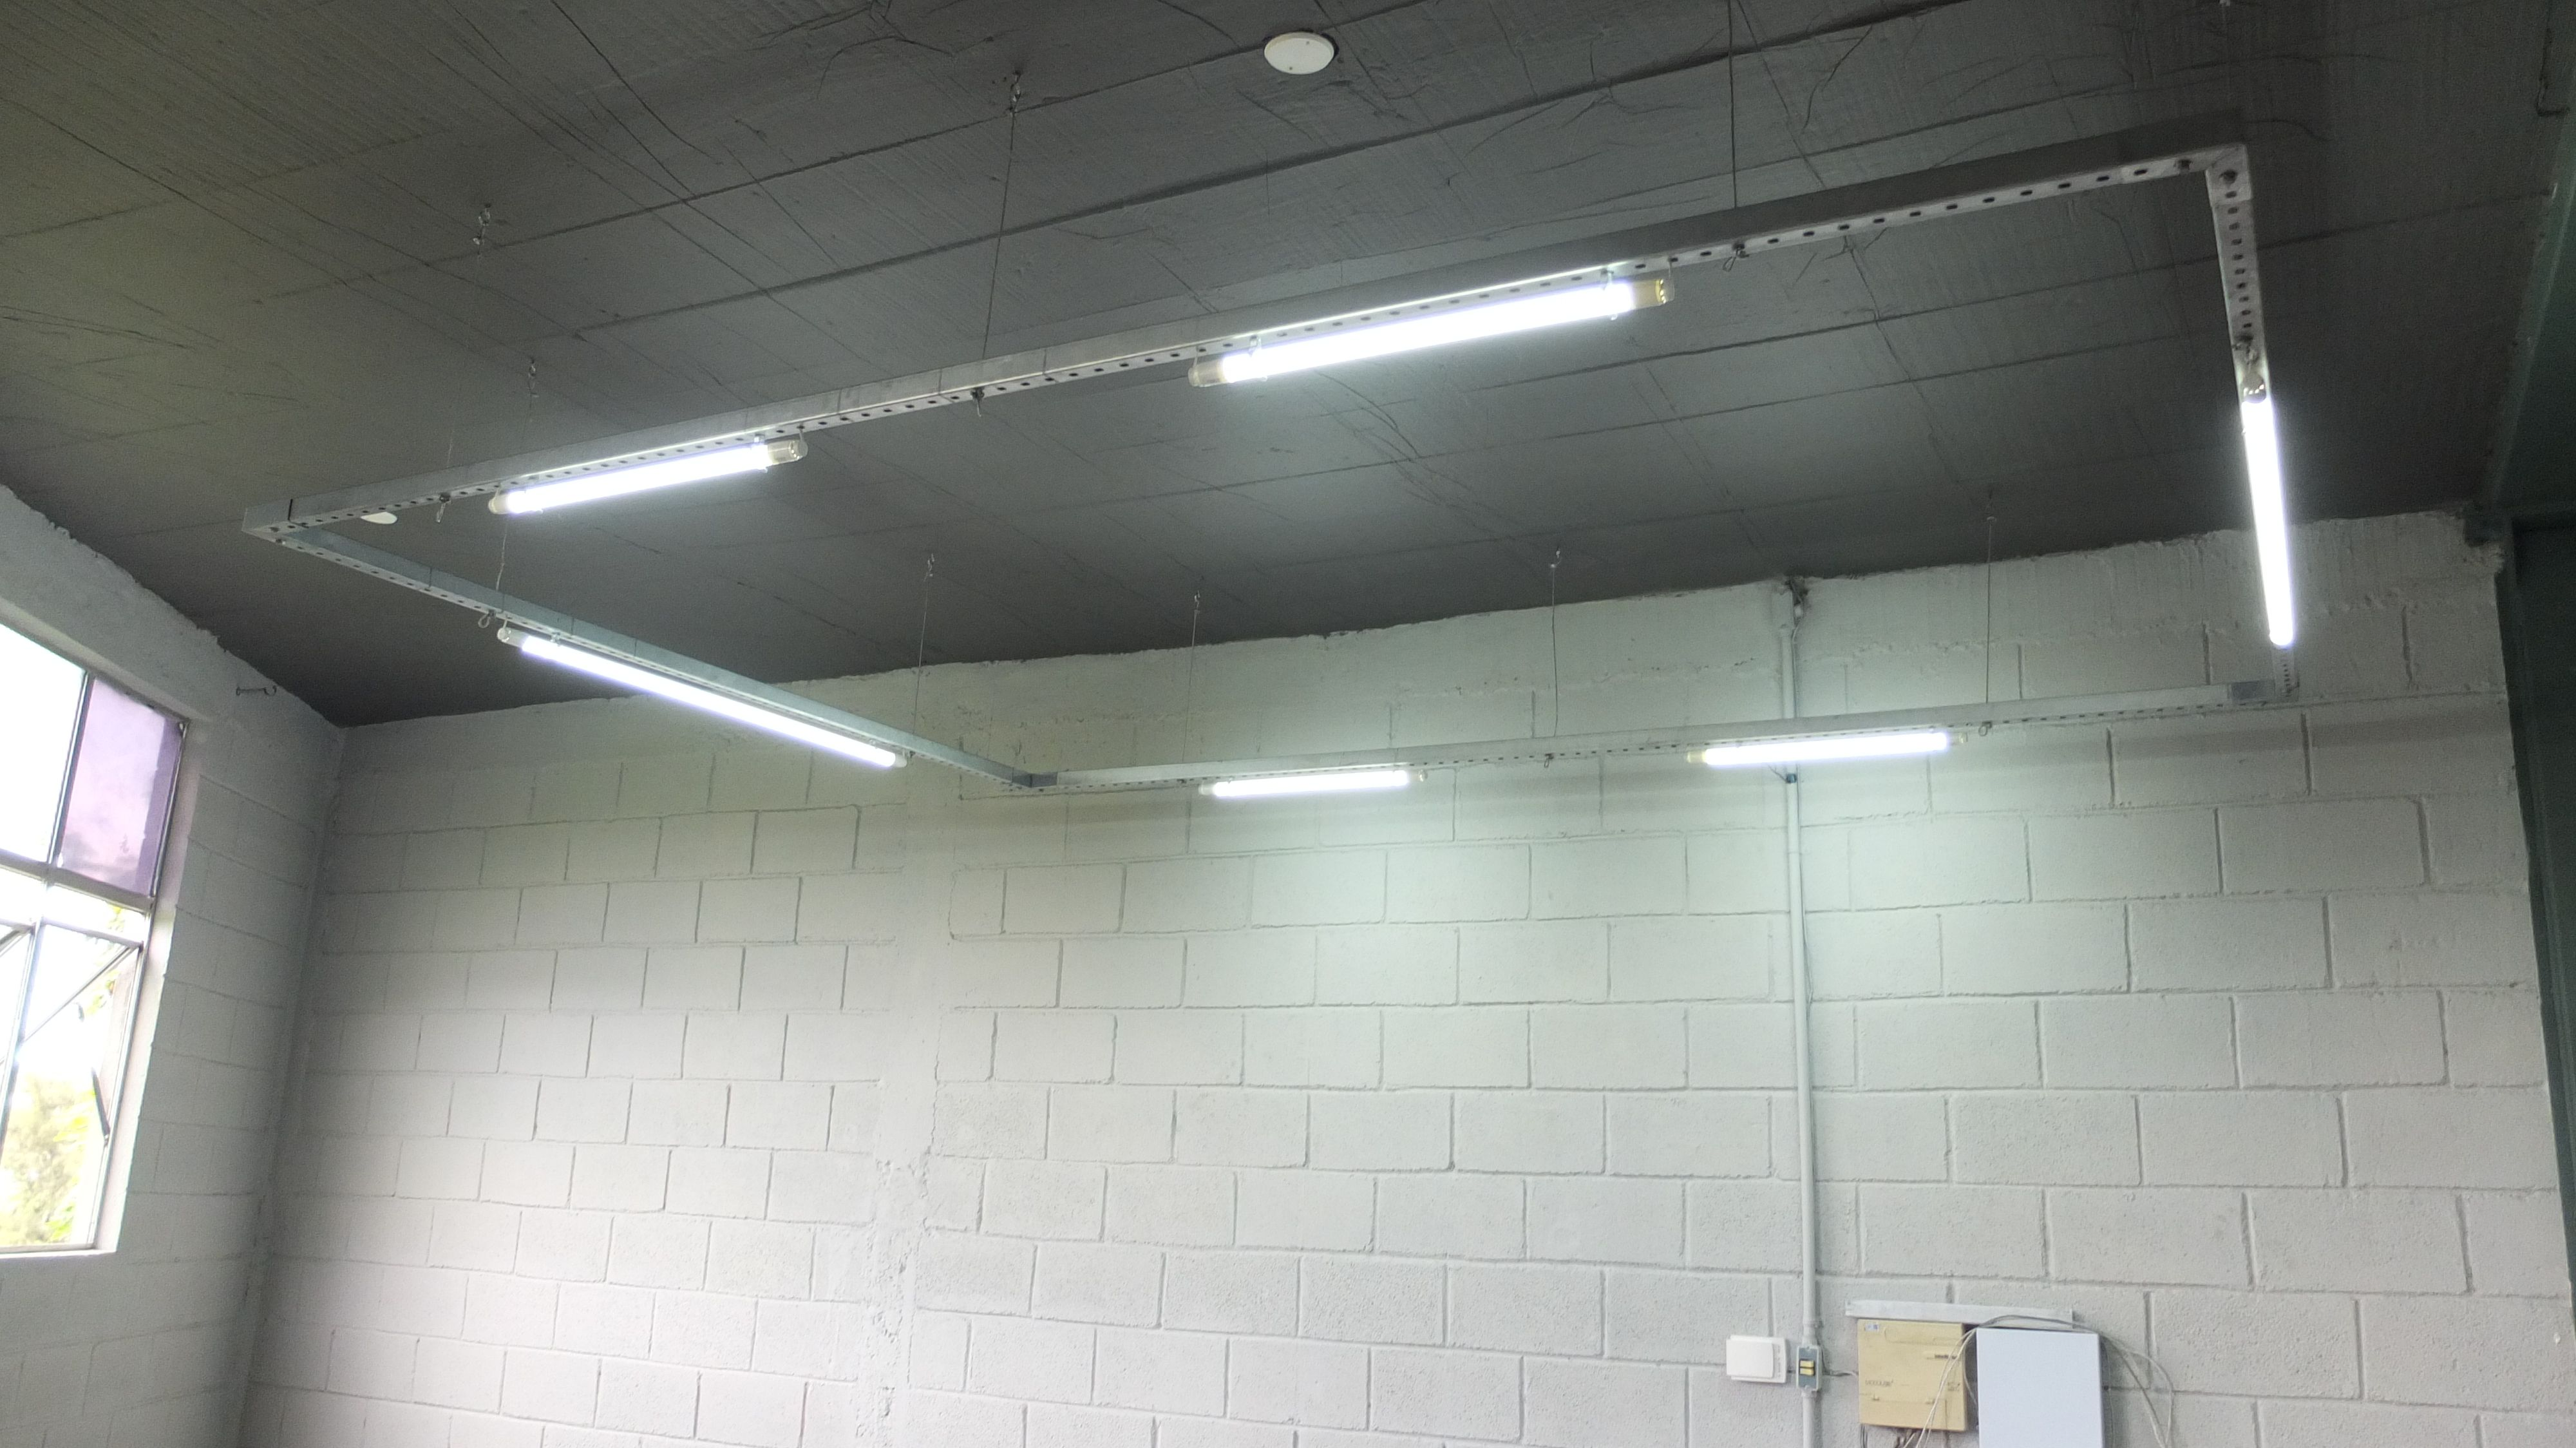 Como Fazer Iluminacao Com Eletrocalha Eletrocalha Iluminacao